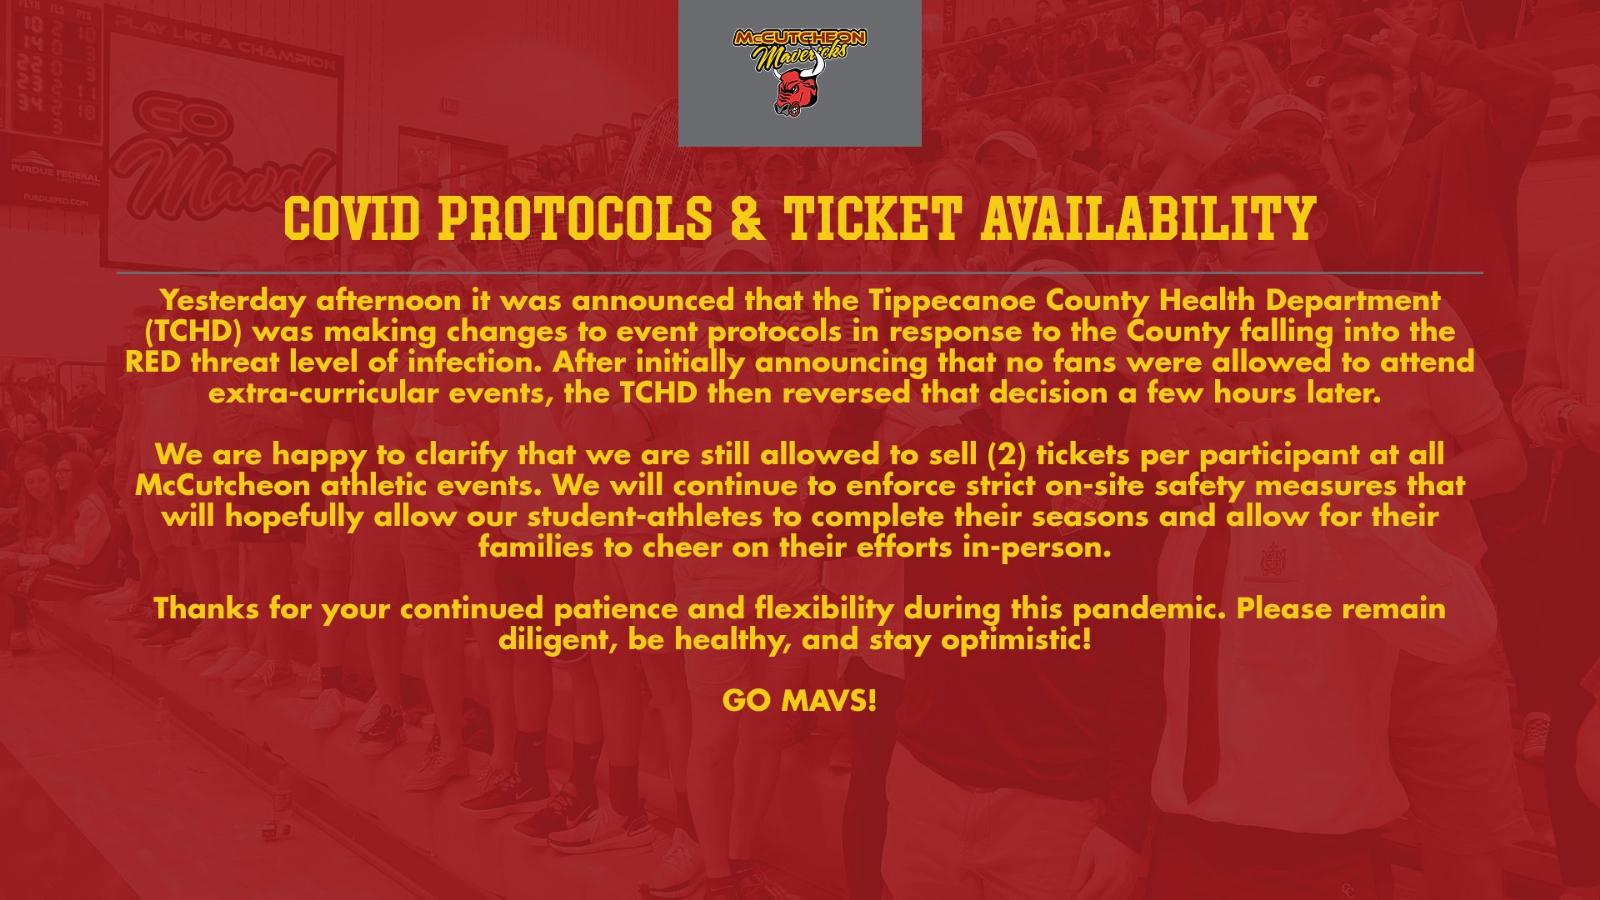 COVID Protocols & Ticket Availability